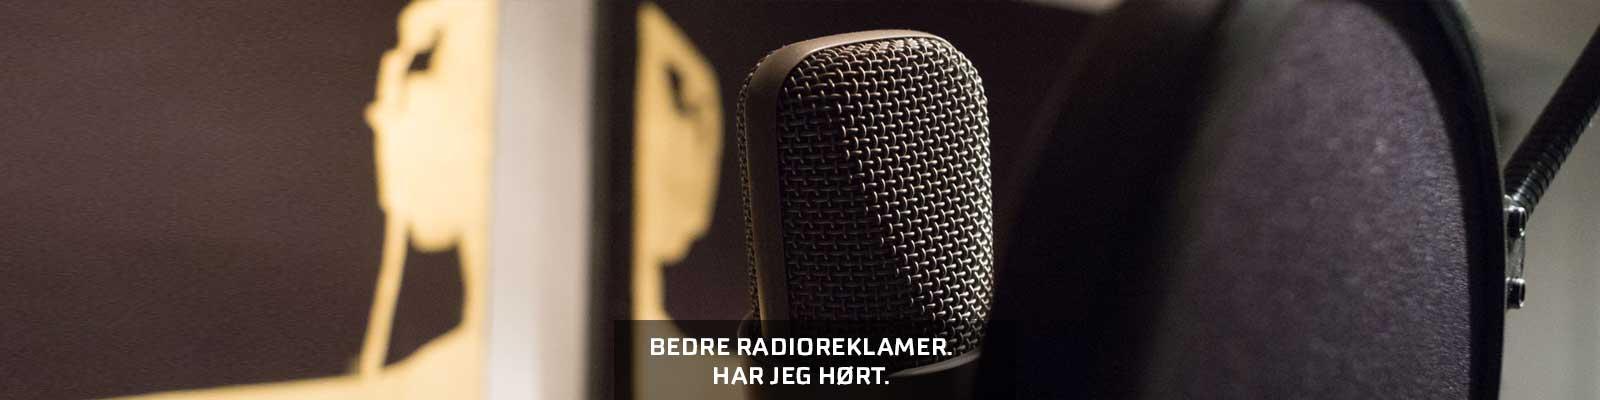 slider_radioreklamer_1600x400